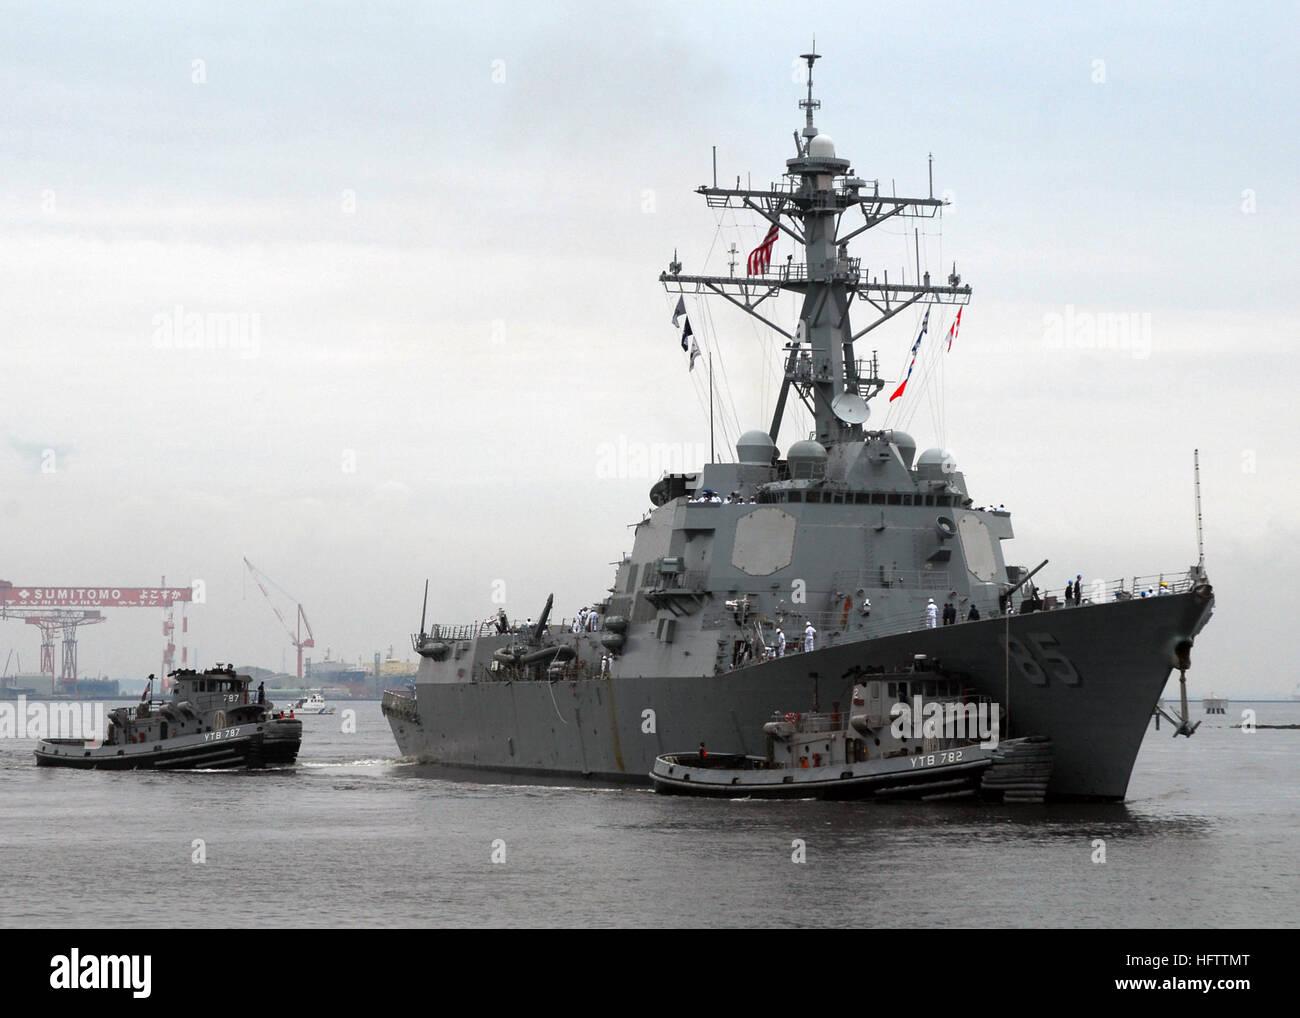 070709-N-2638R-001 Yokosuka, Japón (Julio 9, 2007) Ð grandes remolcadores USS YTB Kittanning (787) y el USS YTB Manistee (782) asistir a clase Arleigh Burke de misiles guiados destructor USS McCampbell (DDG 85) como ella tira en las actividades de la flota Comandante Yokosuka (CFAY). USS McCampbell fue acogido como la más reciente adición a las fuerzas desplegadas en CFAY. U.S Navy foto por comunicación de masas marinero especialista Bryan Reckard (liberado) US Navy 070709-N-2638R-001 Grandes remolcadores USS YTB Kittanning (787) y el USS YTB Manistee (782) asistir a clase Arleigh Burke de misiles guiados destructor USS McCampbell (DDG 85) Foto de stock